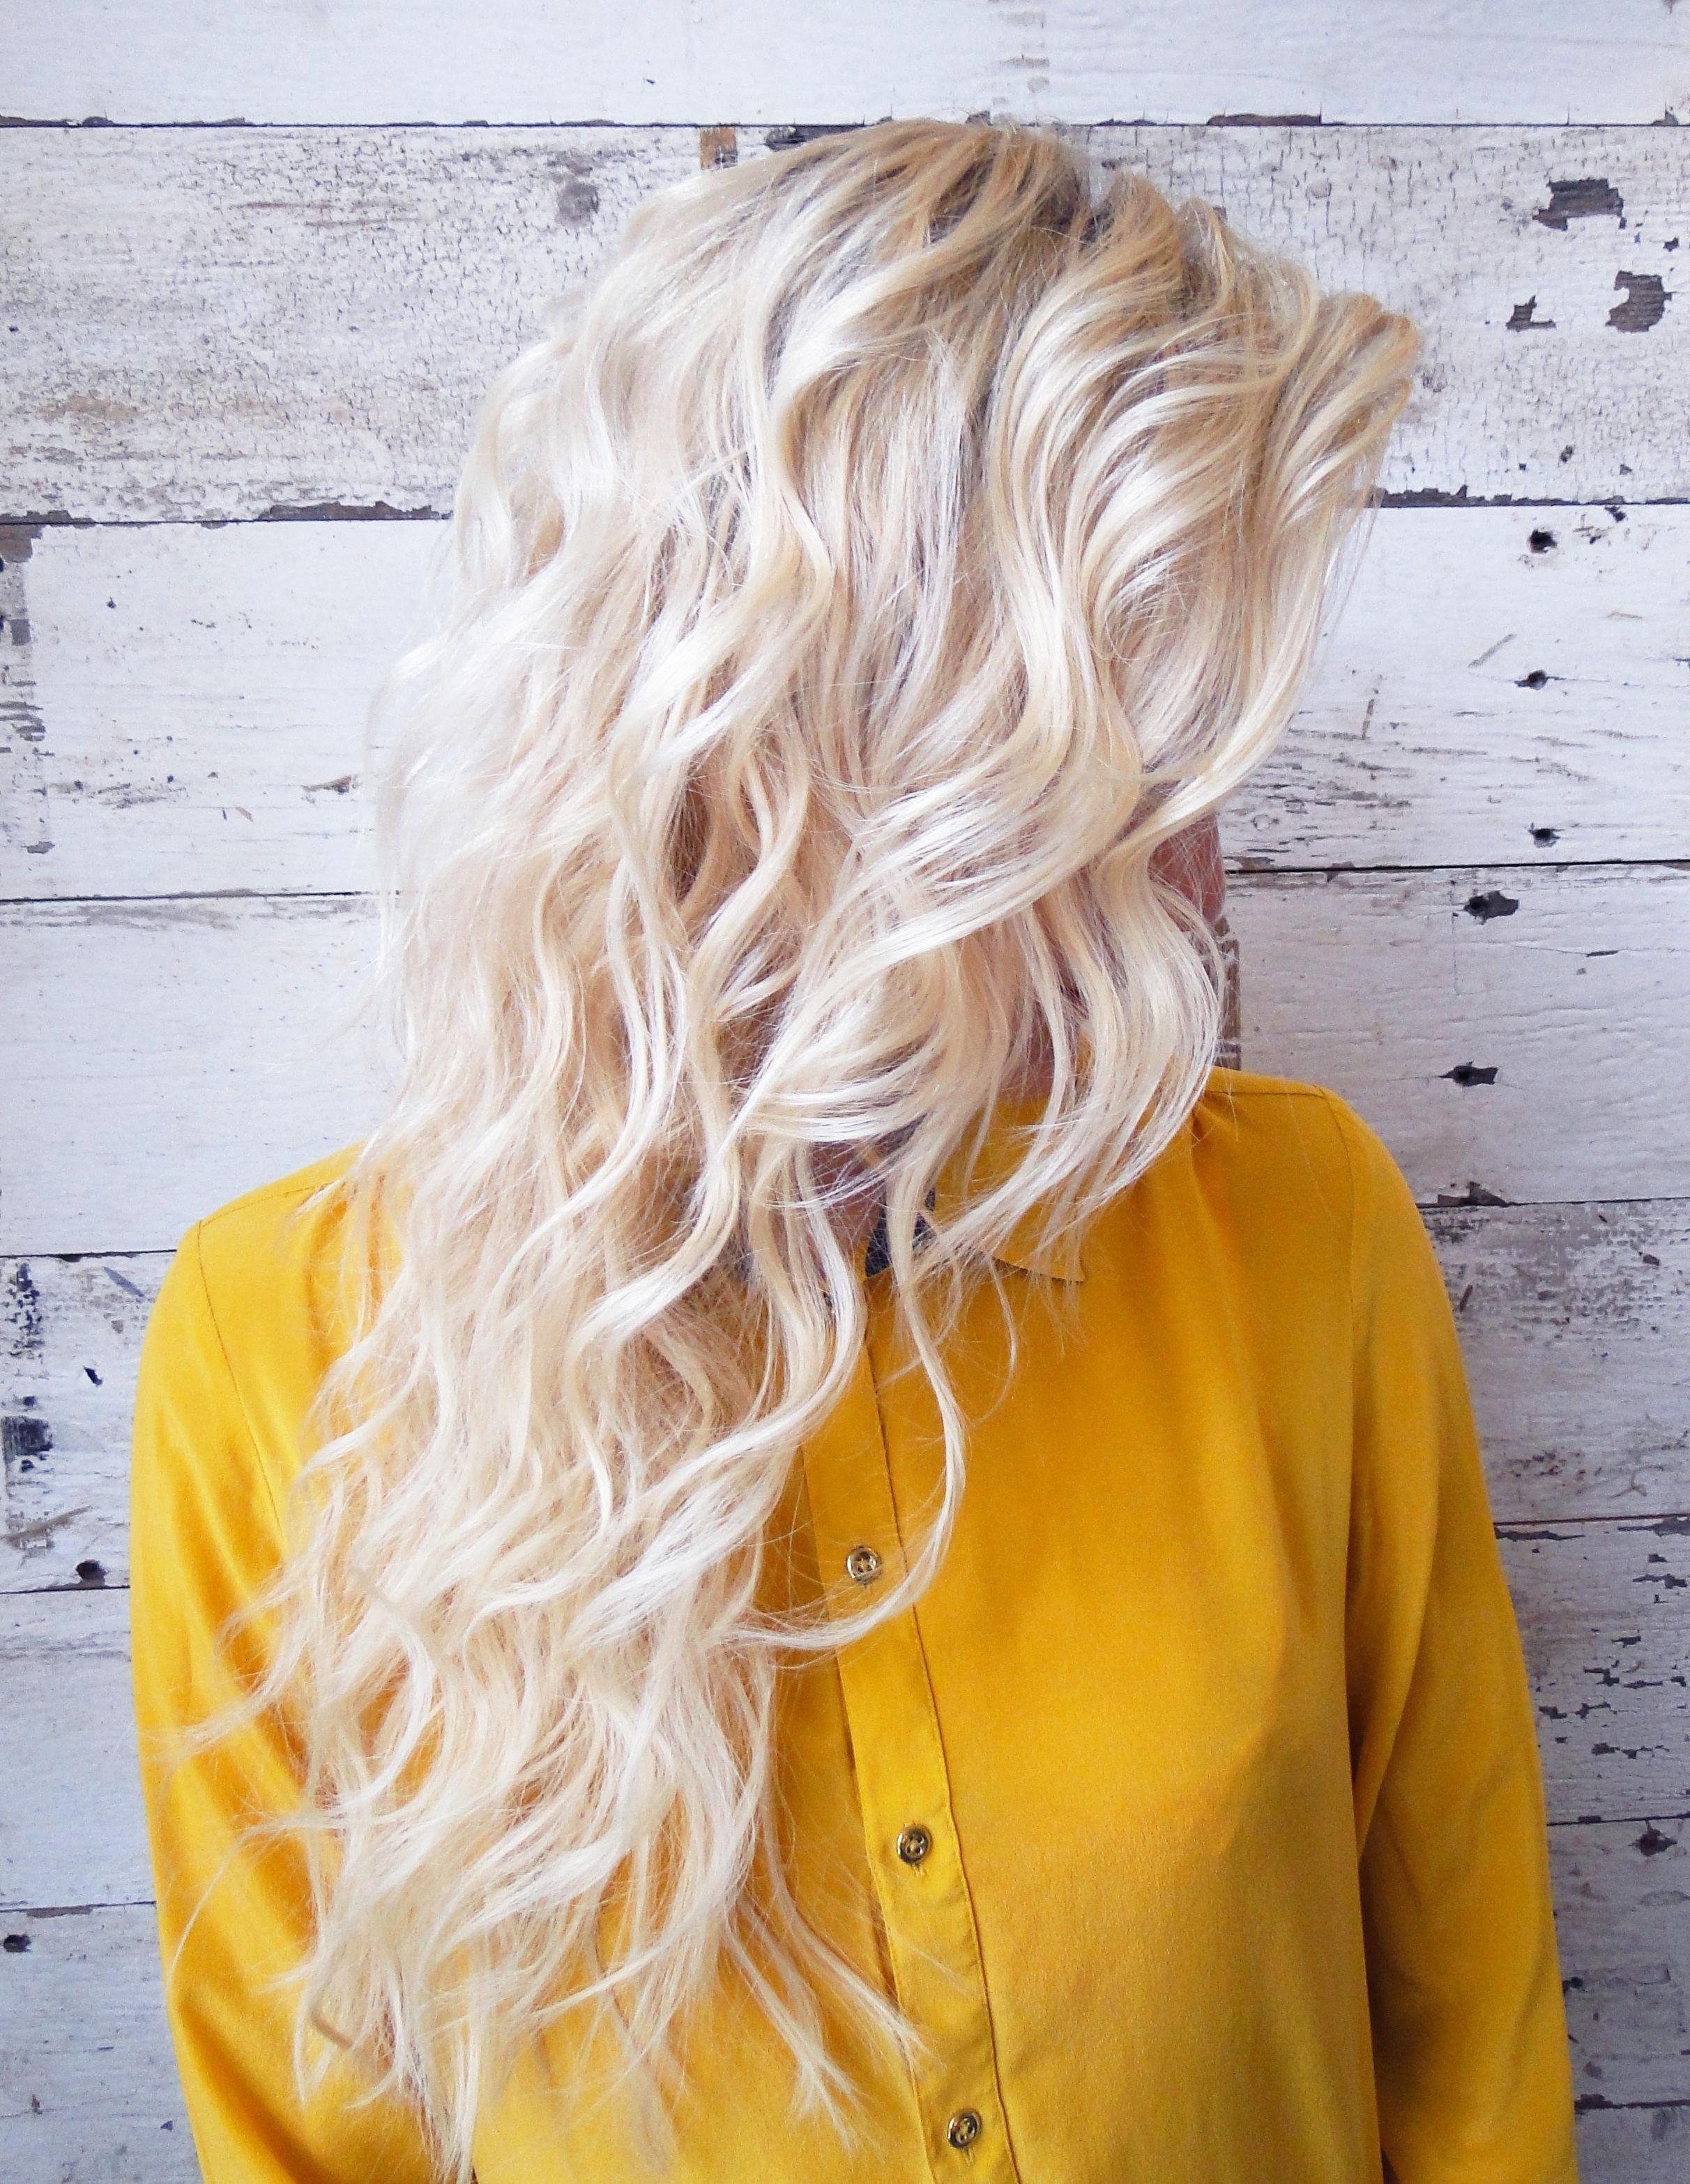 Newest Glamorous Silver Blonde Waves Hairstyles Regarding Bleach Blonde Mermaid Waves (View 14 of 20)